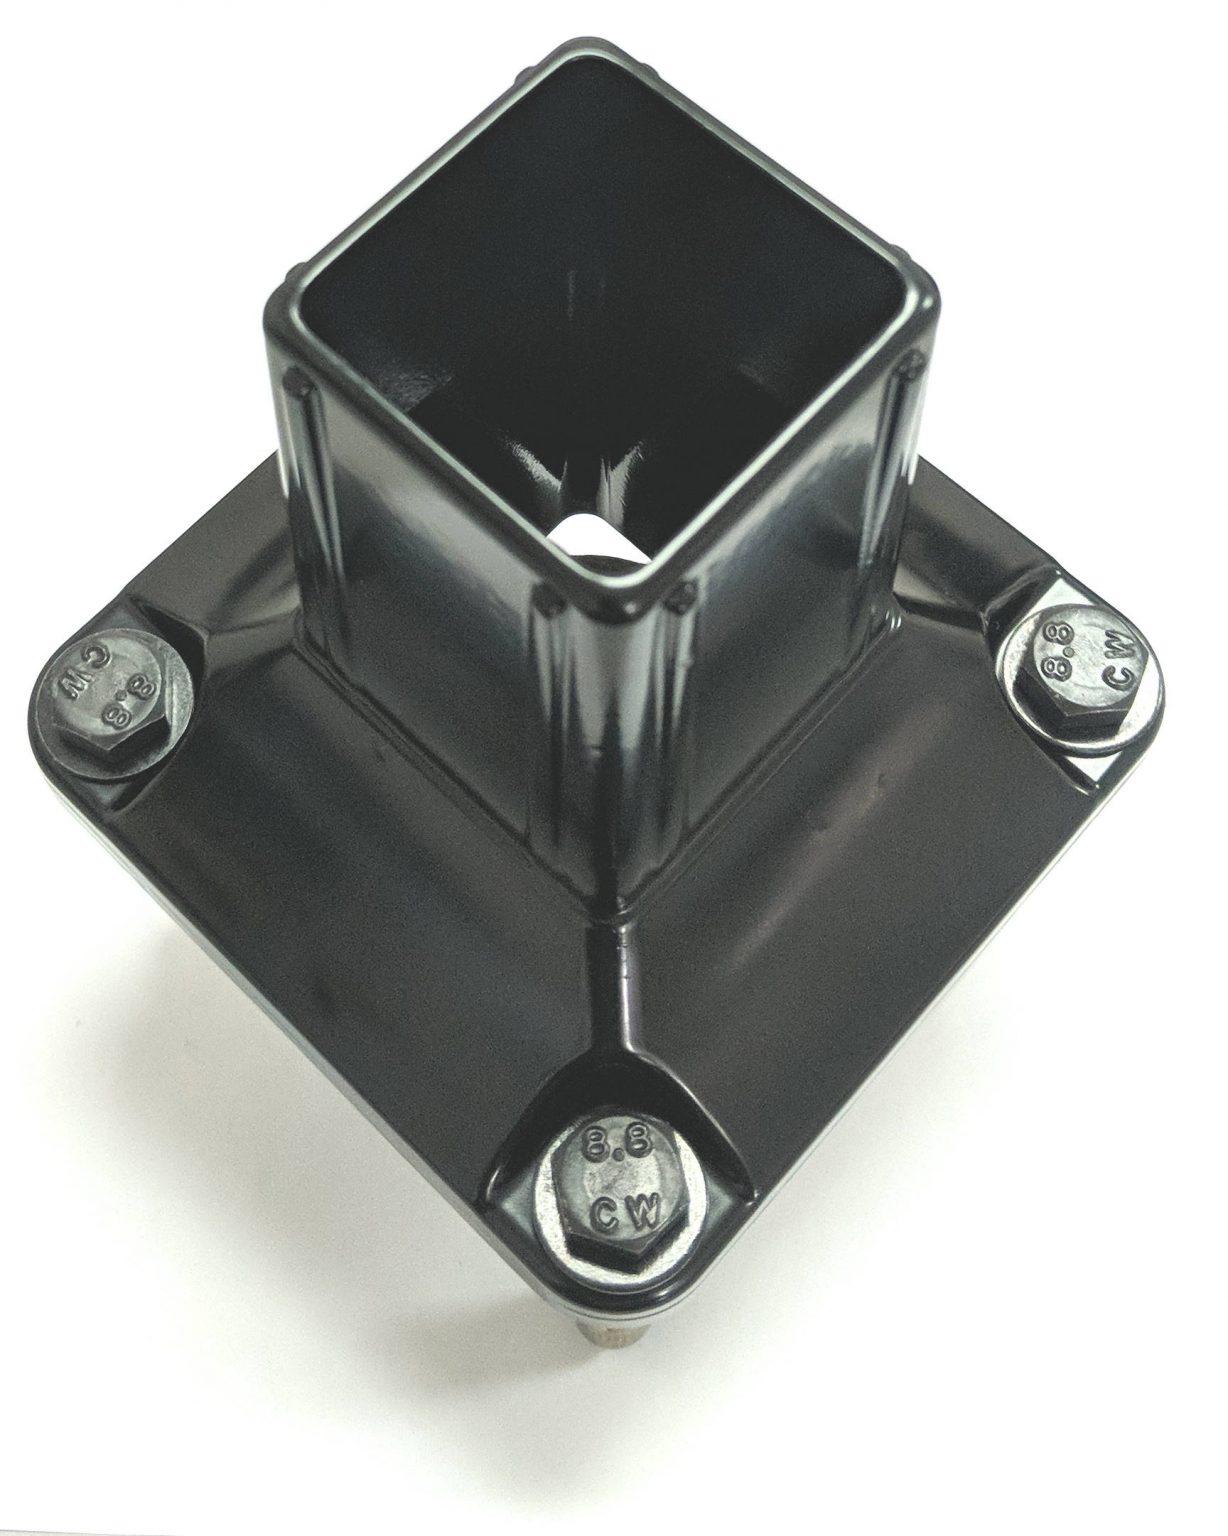 M8x60 Flush Head Anchor Bolts